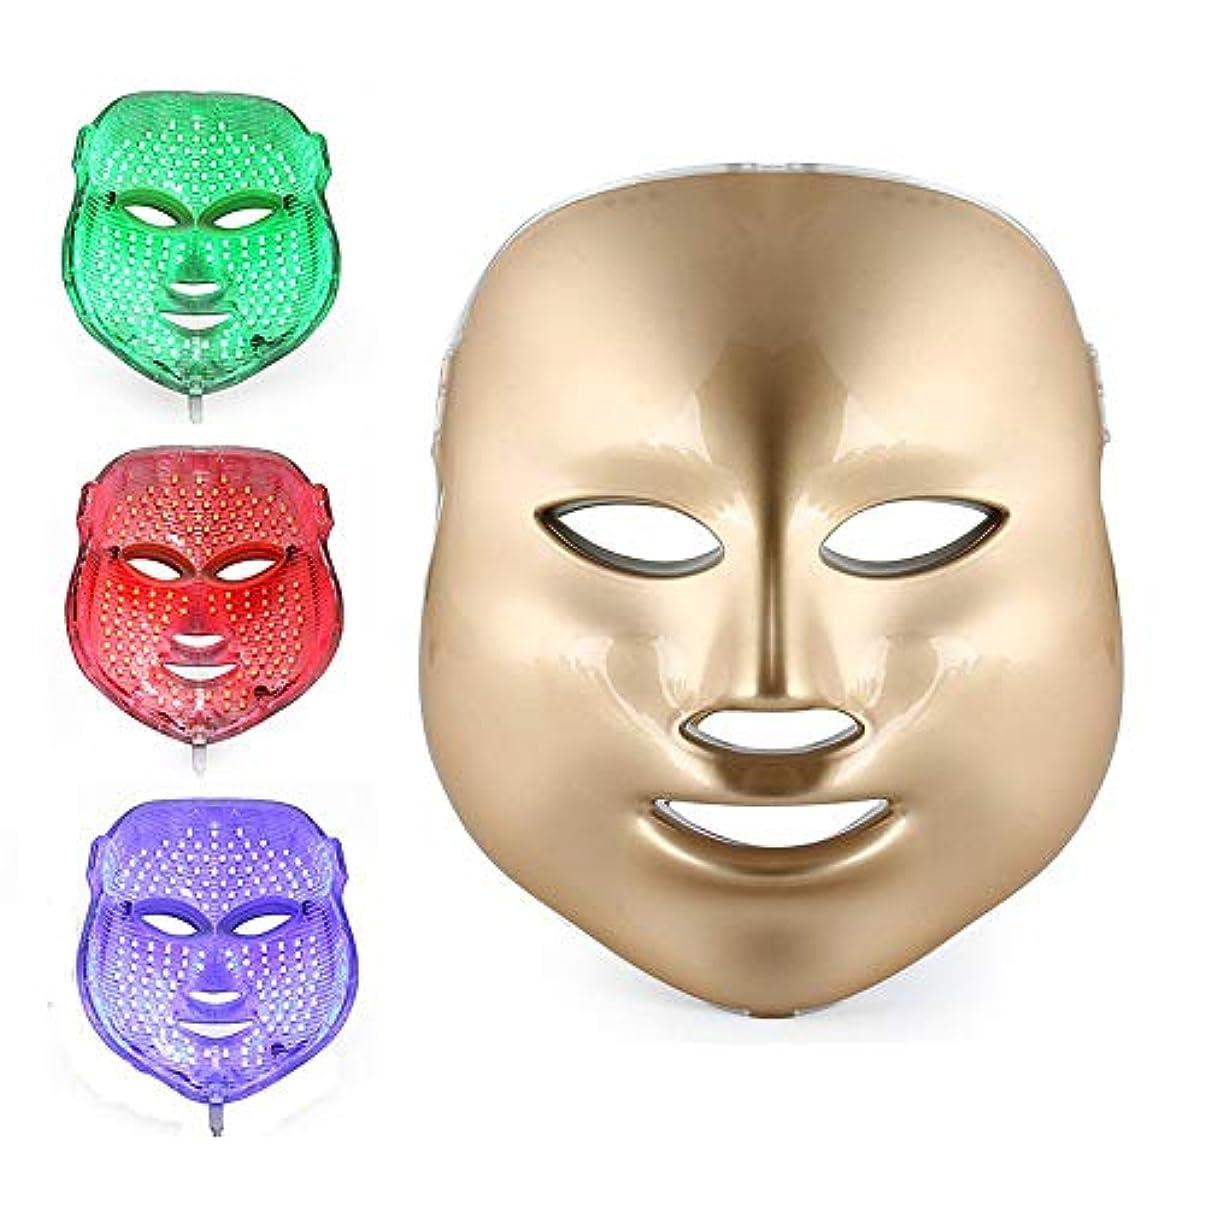 座標アフリカ人コマンドフォトンセラピー3色LEDマスクゴールドLEDライトセラピートリートメントフェイシャルビューティースキンケアにきびしわホワイトニング用フォトンセラピーマスク